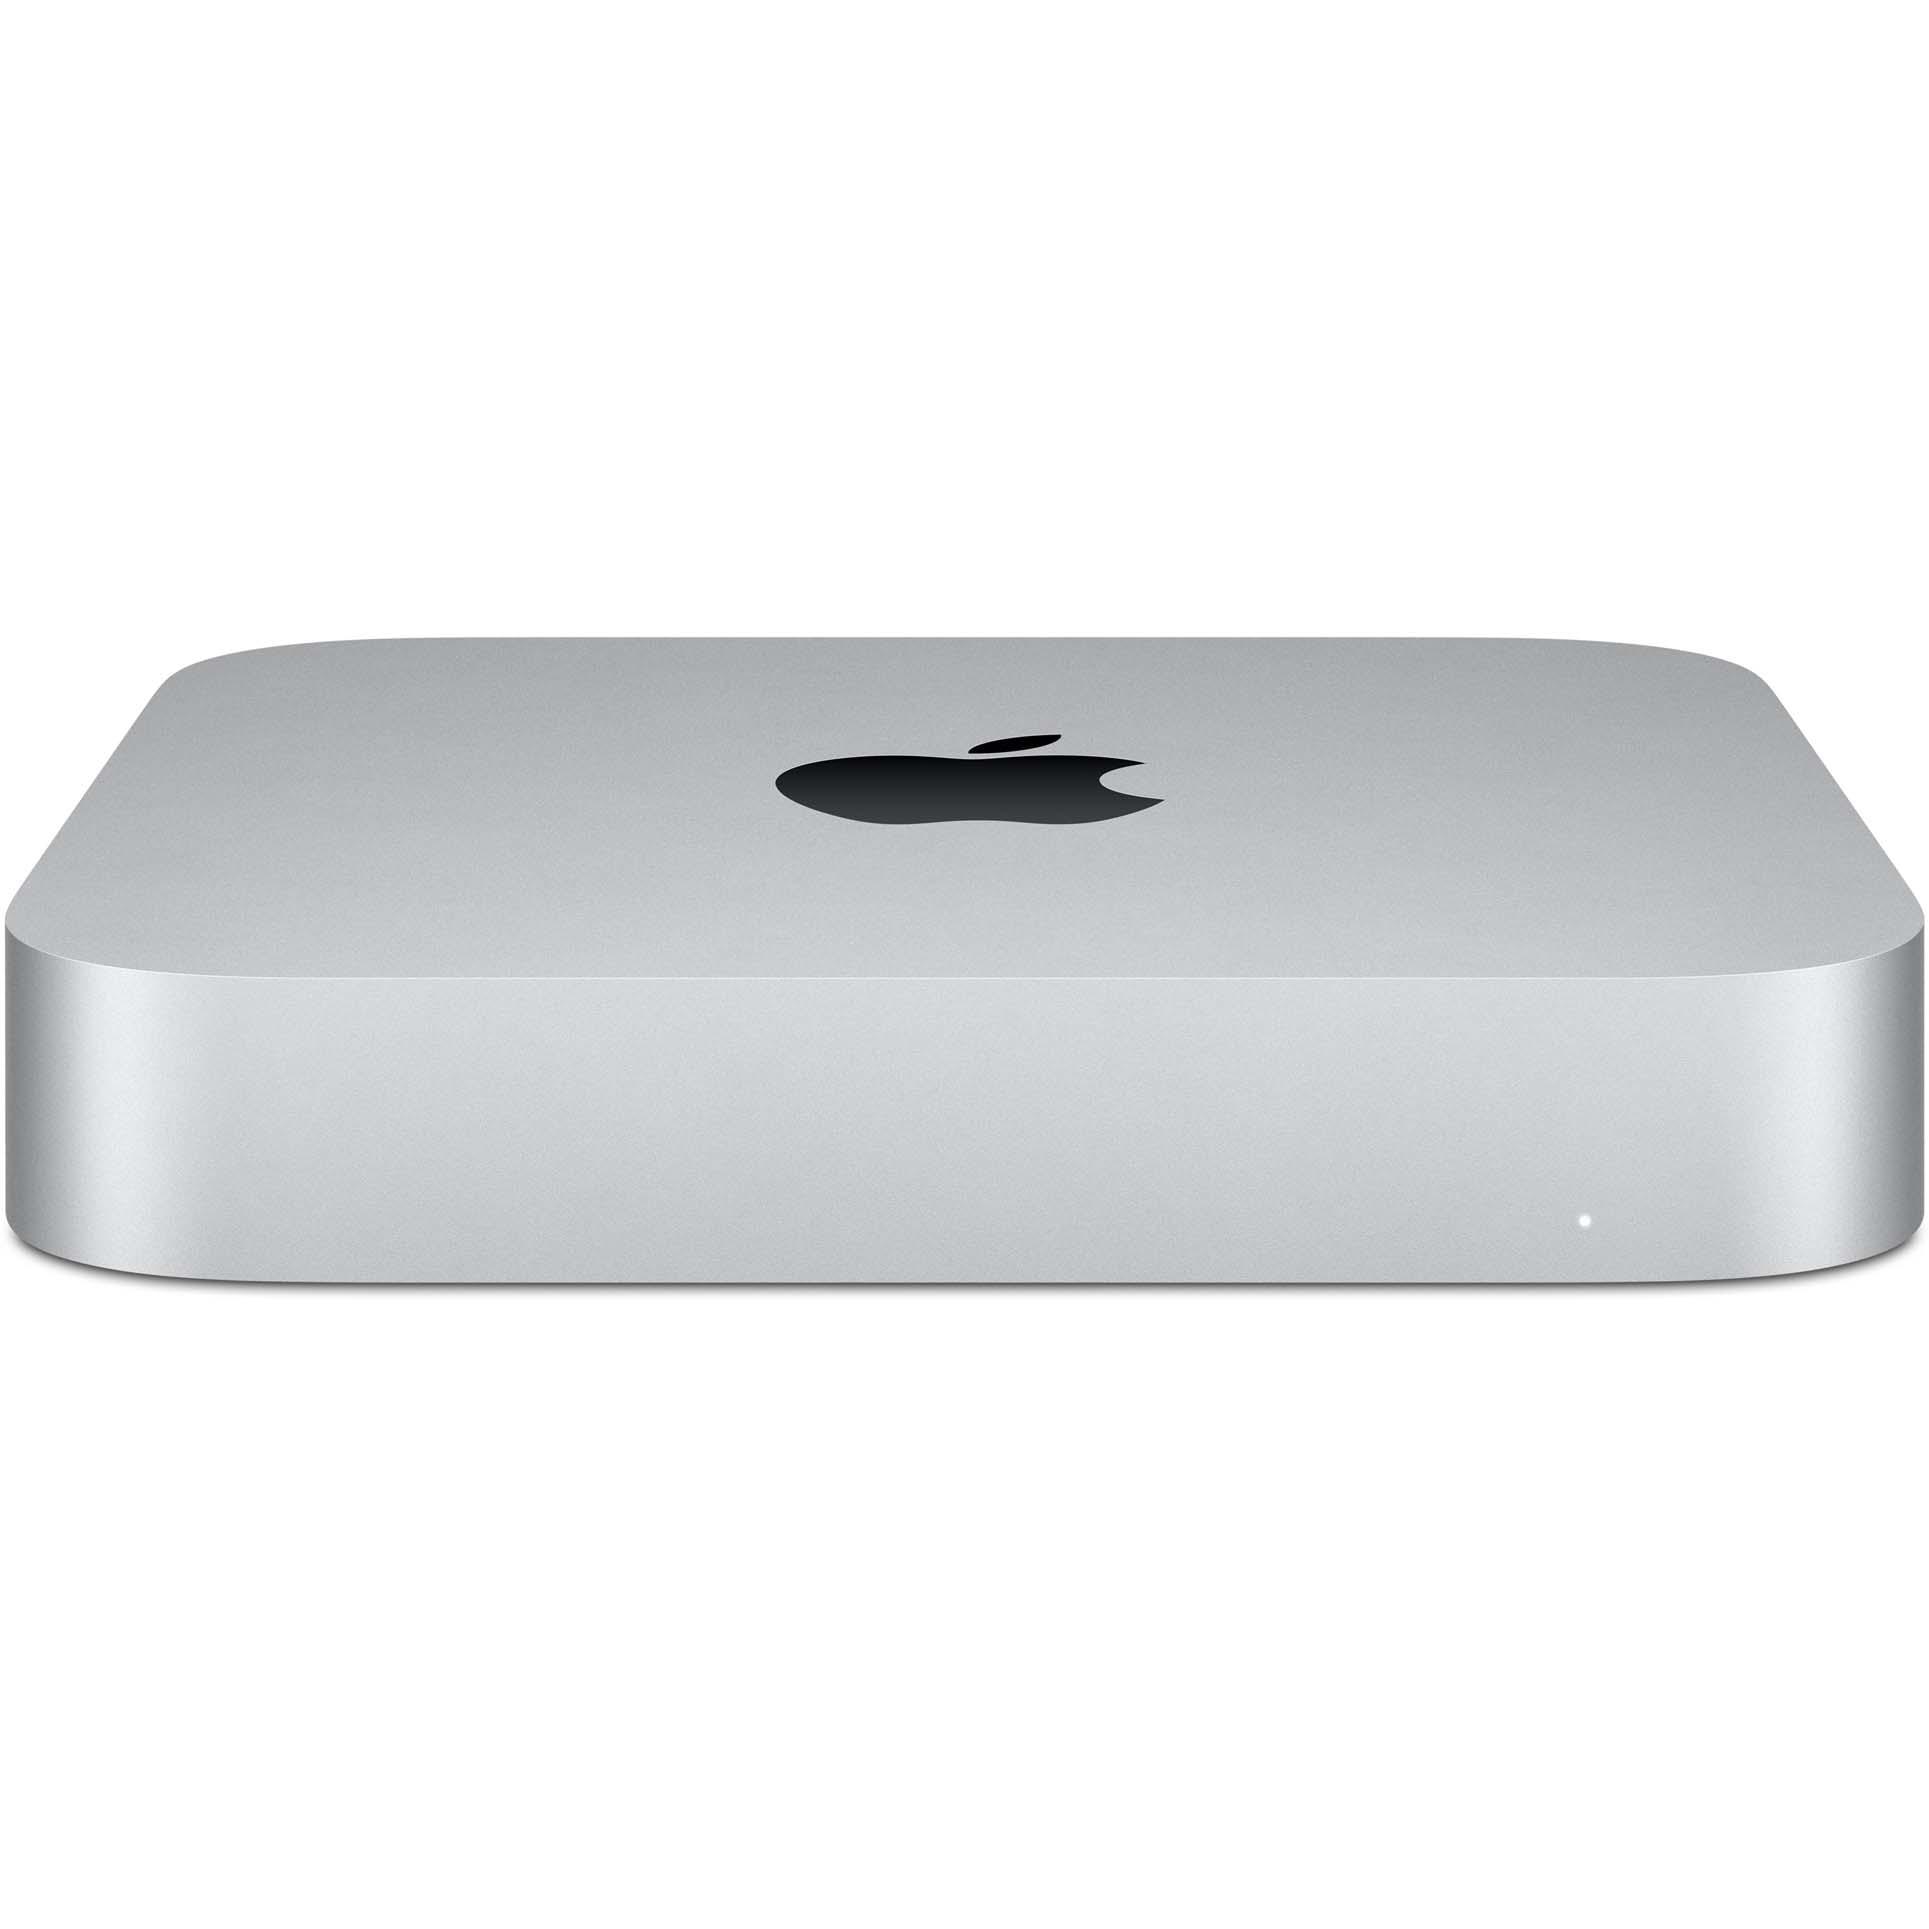 Fotografie Mac Mini PC Apple (2020) cu procesor Apple M1, 8GB, 512GB SSD, INT